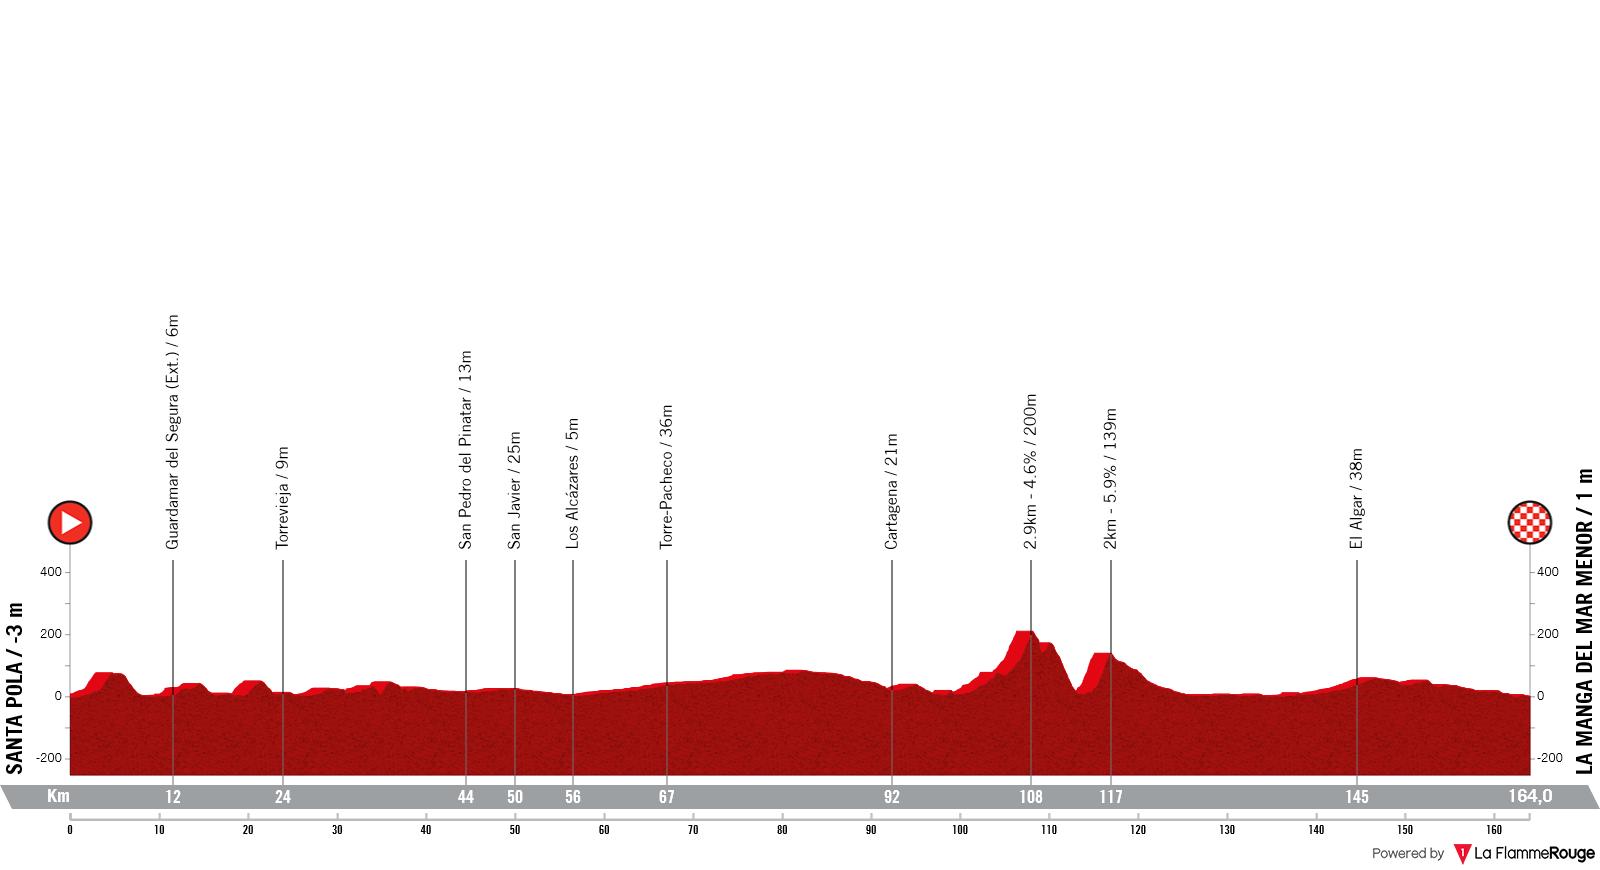 Etapa 8 - Vuelta España 2021 - Santa Pola La Manga del Mar Menor